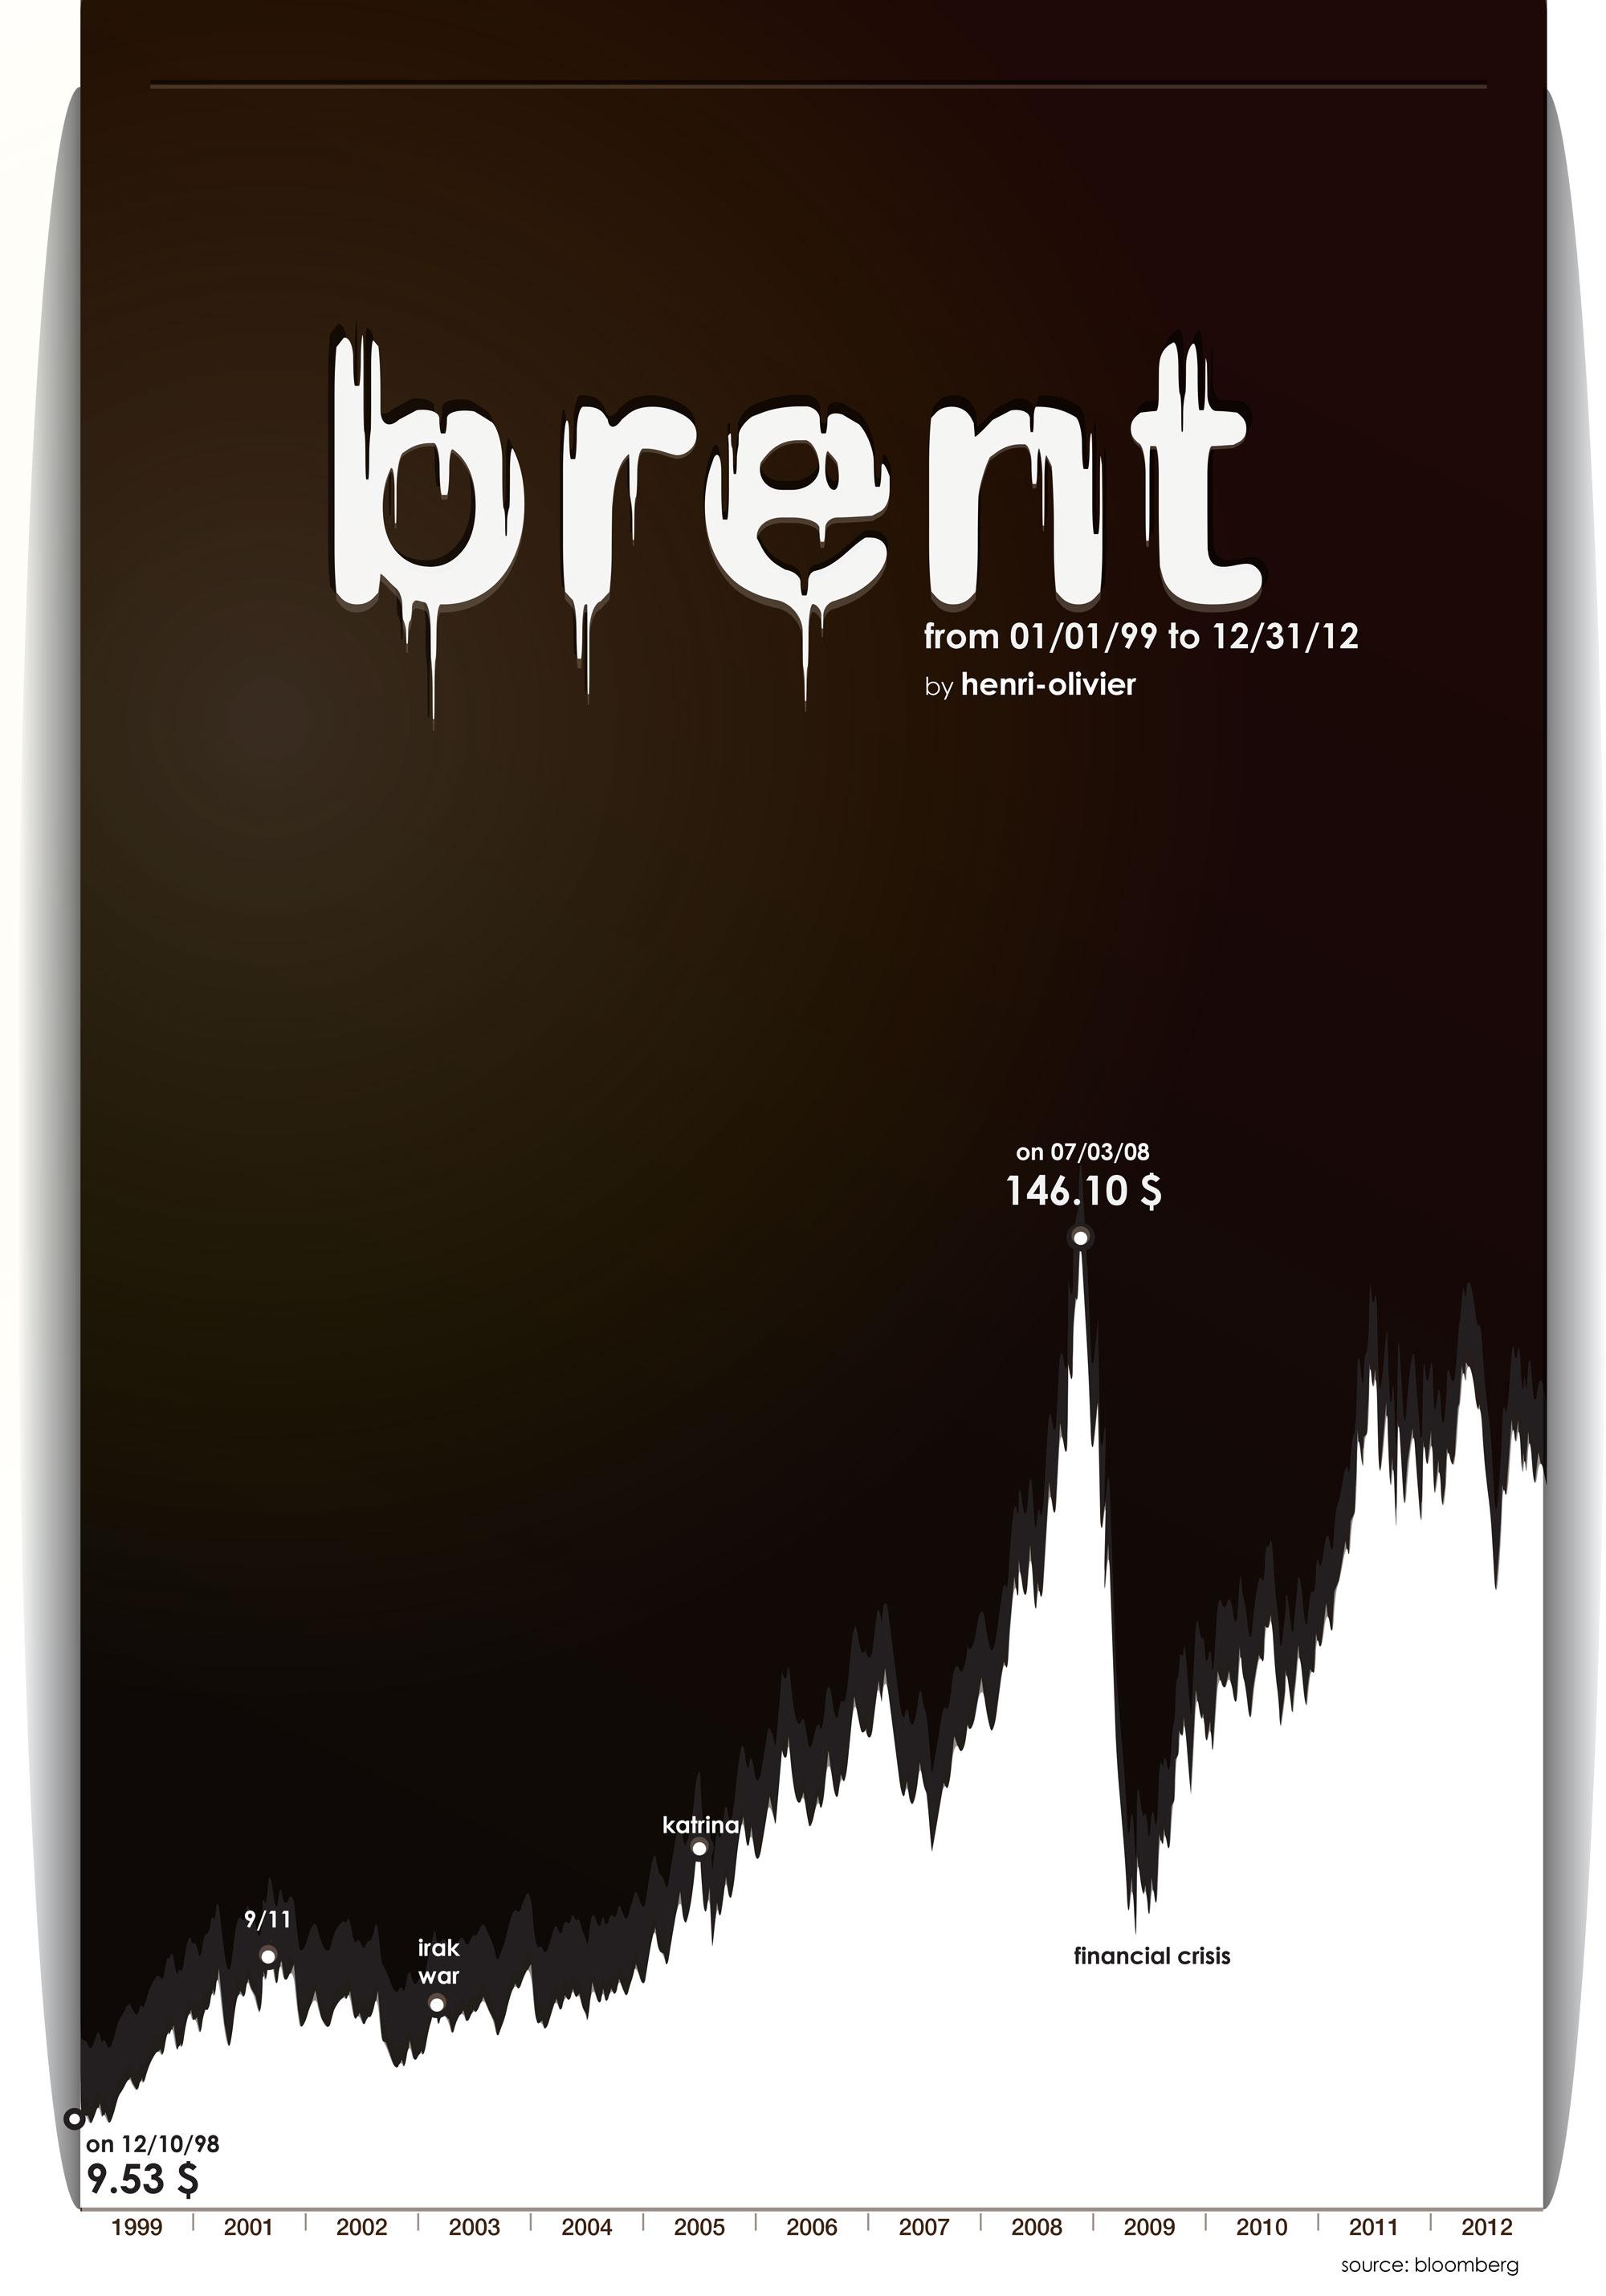 BRENT_Henri-Olivier_12